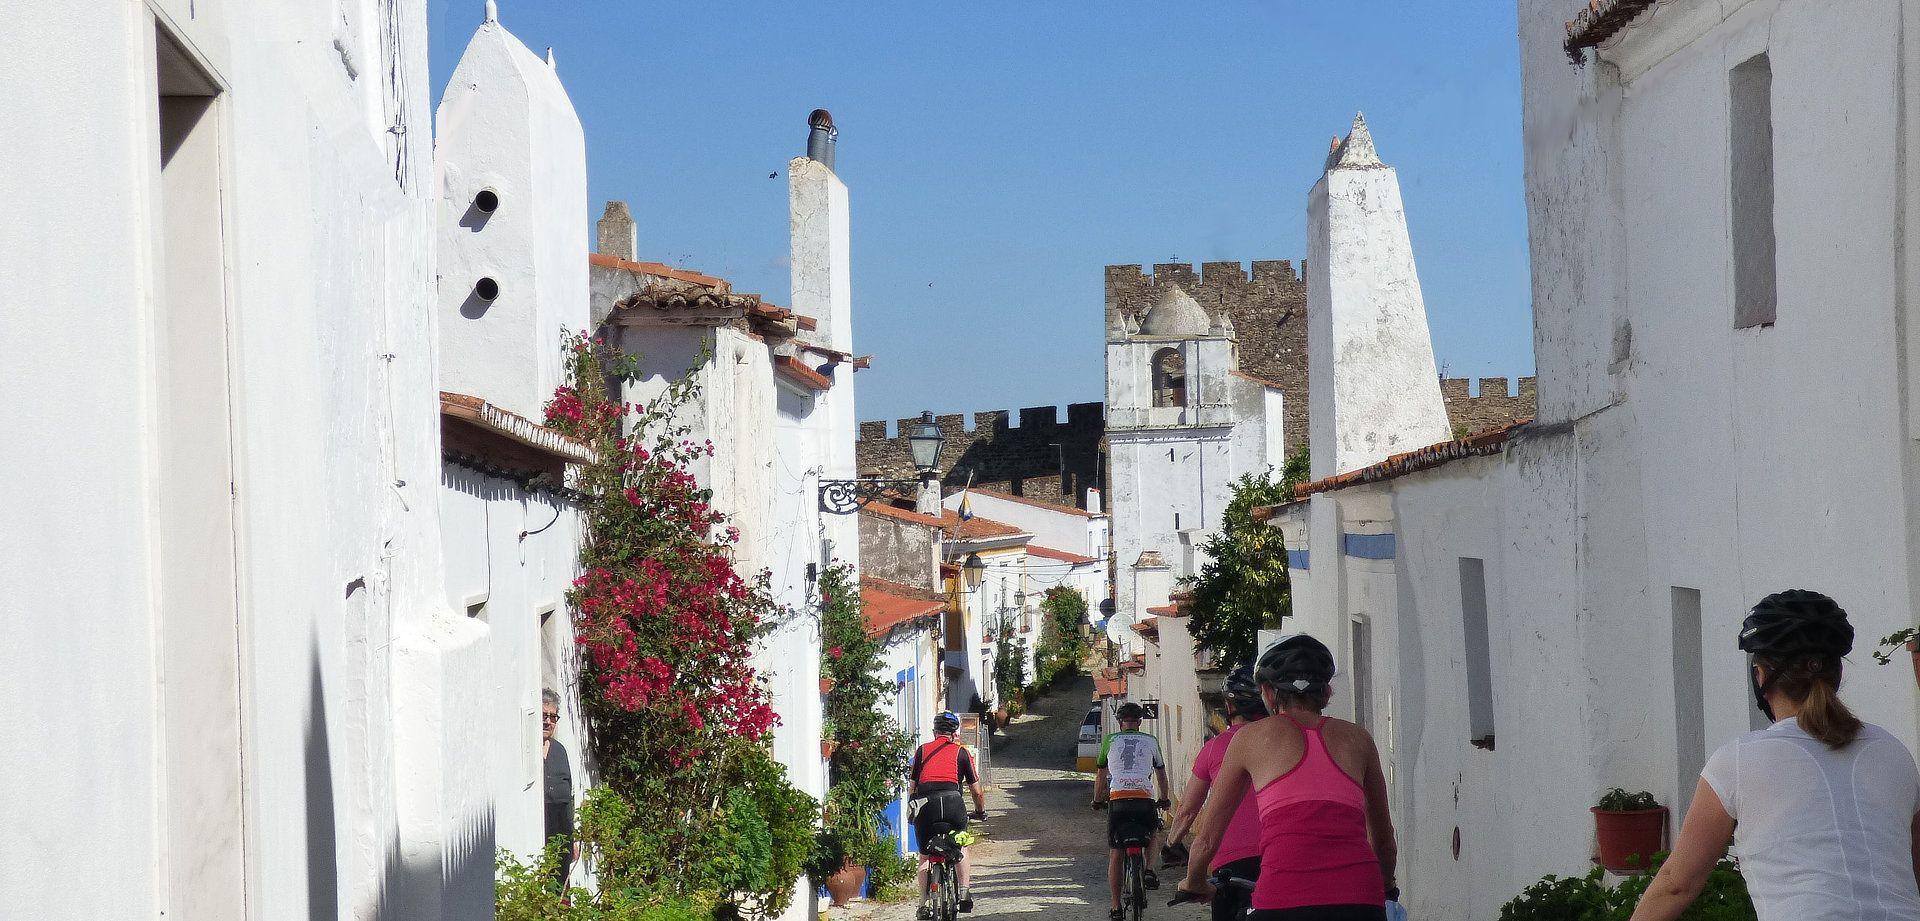 Portugal Best Cycling Bike tour Alentejo Village, Portugal Bike Tours